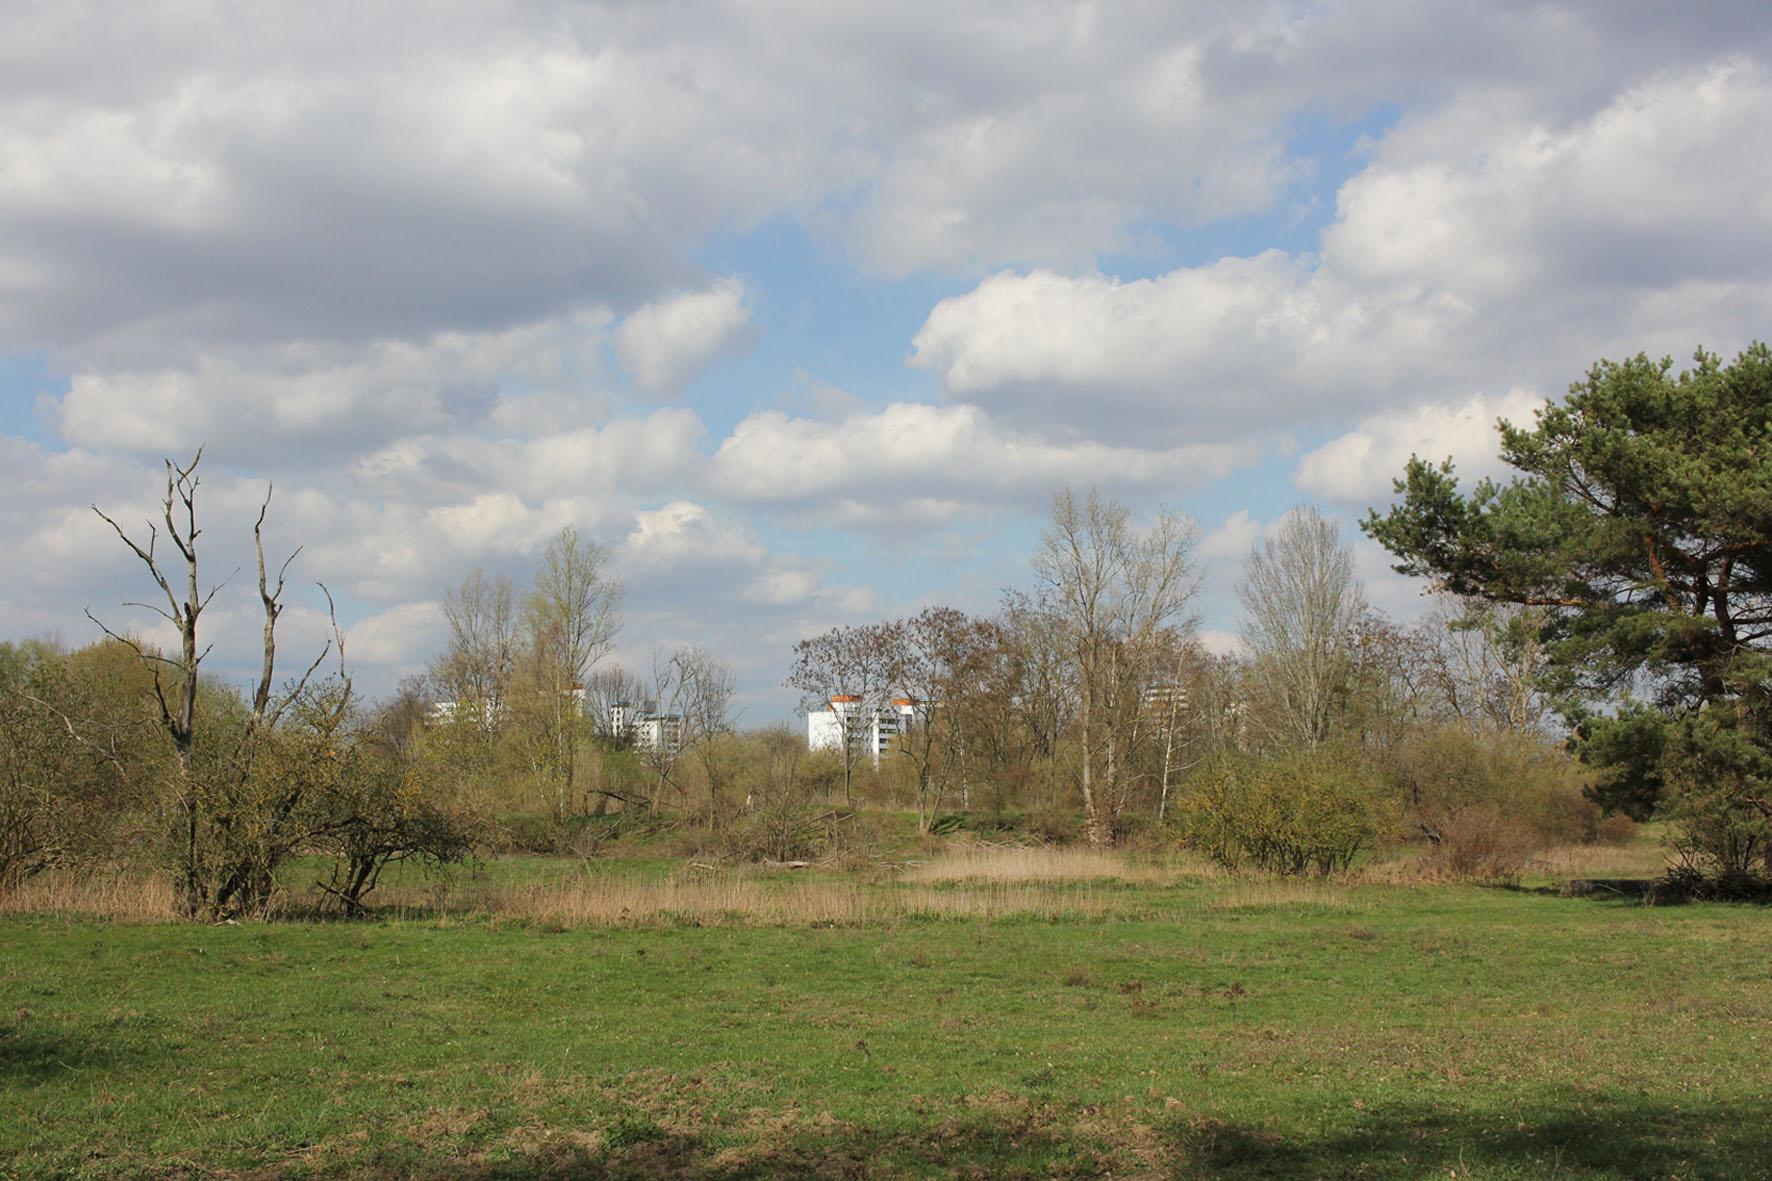 Die Thermometersiedlung in der Ferne von Parks Range und Doughboy City - ein ehemaliger Truppenübungsplatz der US Army Berlin Brigade